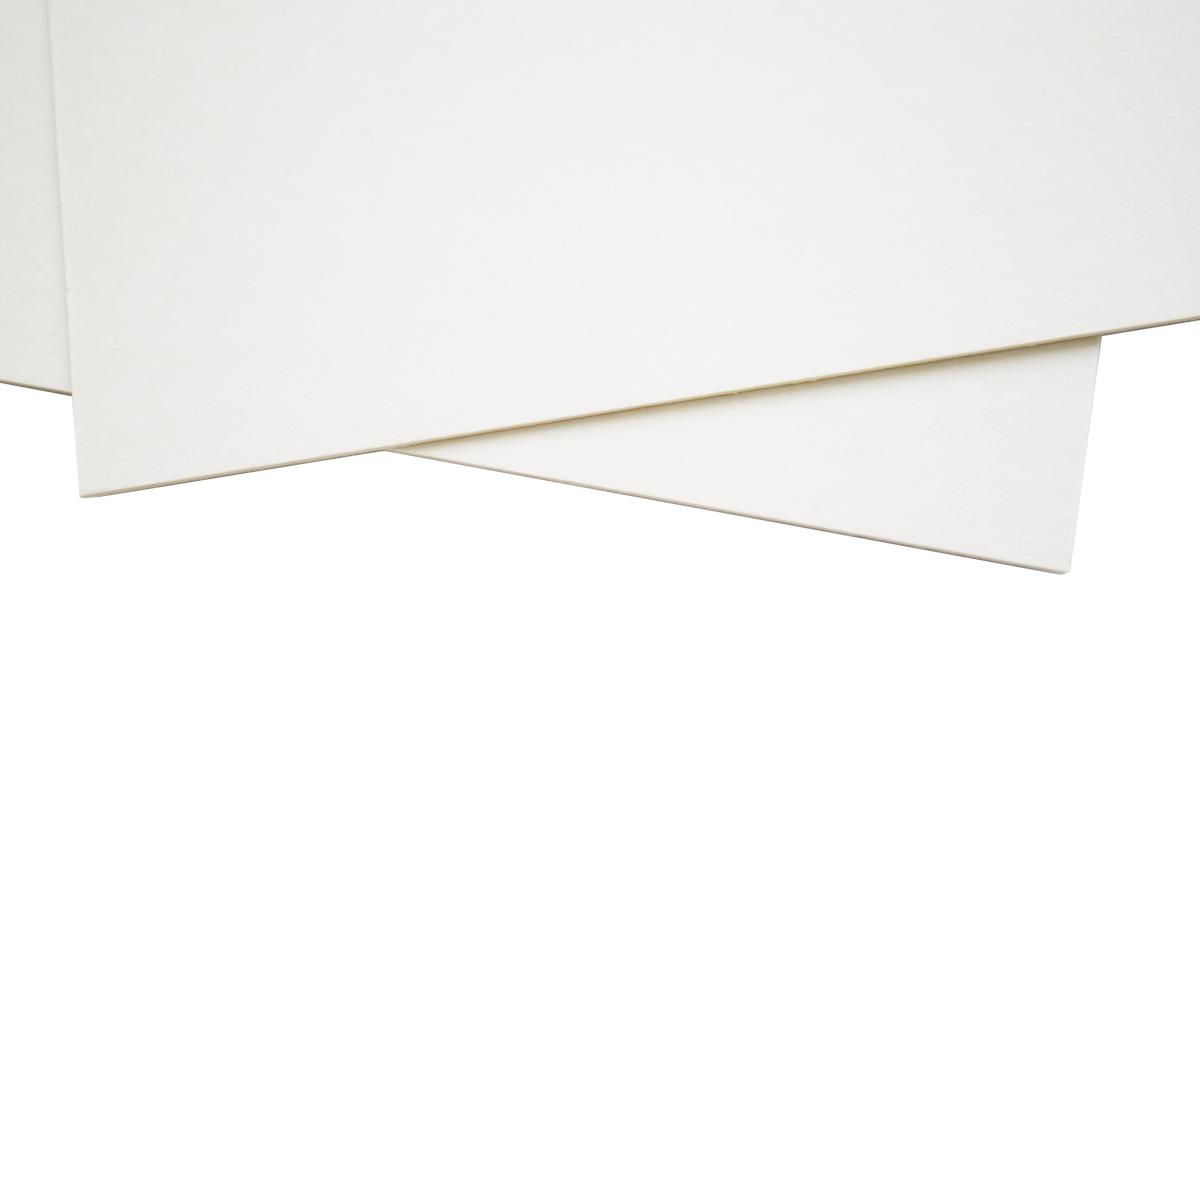 Картон пивной ЧипАрт, толщина 1,5 мм, 17 х 17 см, 2 листа582753Картон является незаменимой частью многих работ в скрапбукинге. Пивной картон состоит из множества тонких слоев, и легко режется, поэтому прекрасно подойдет для изготовления страниц в альбомах.